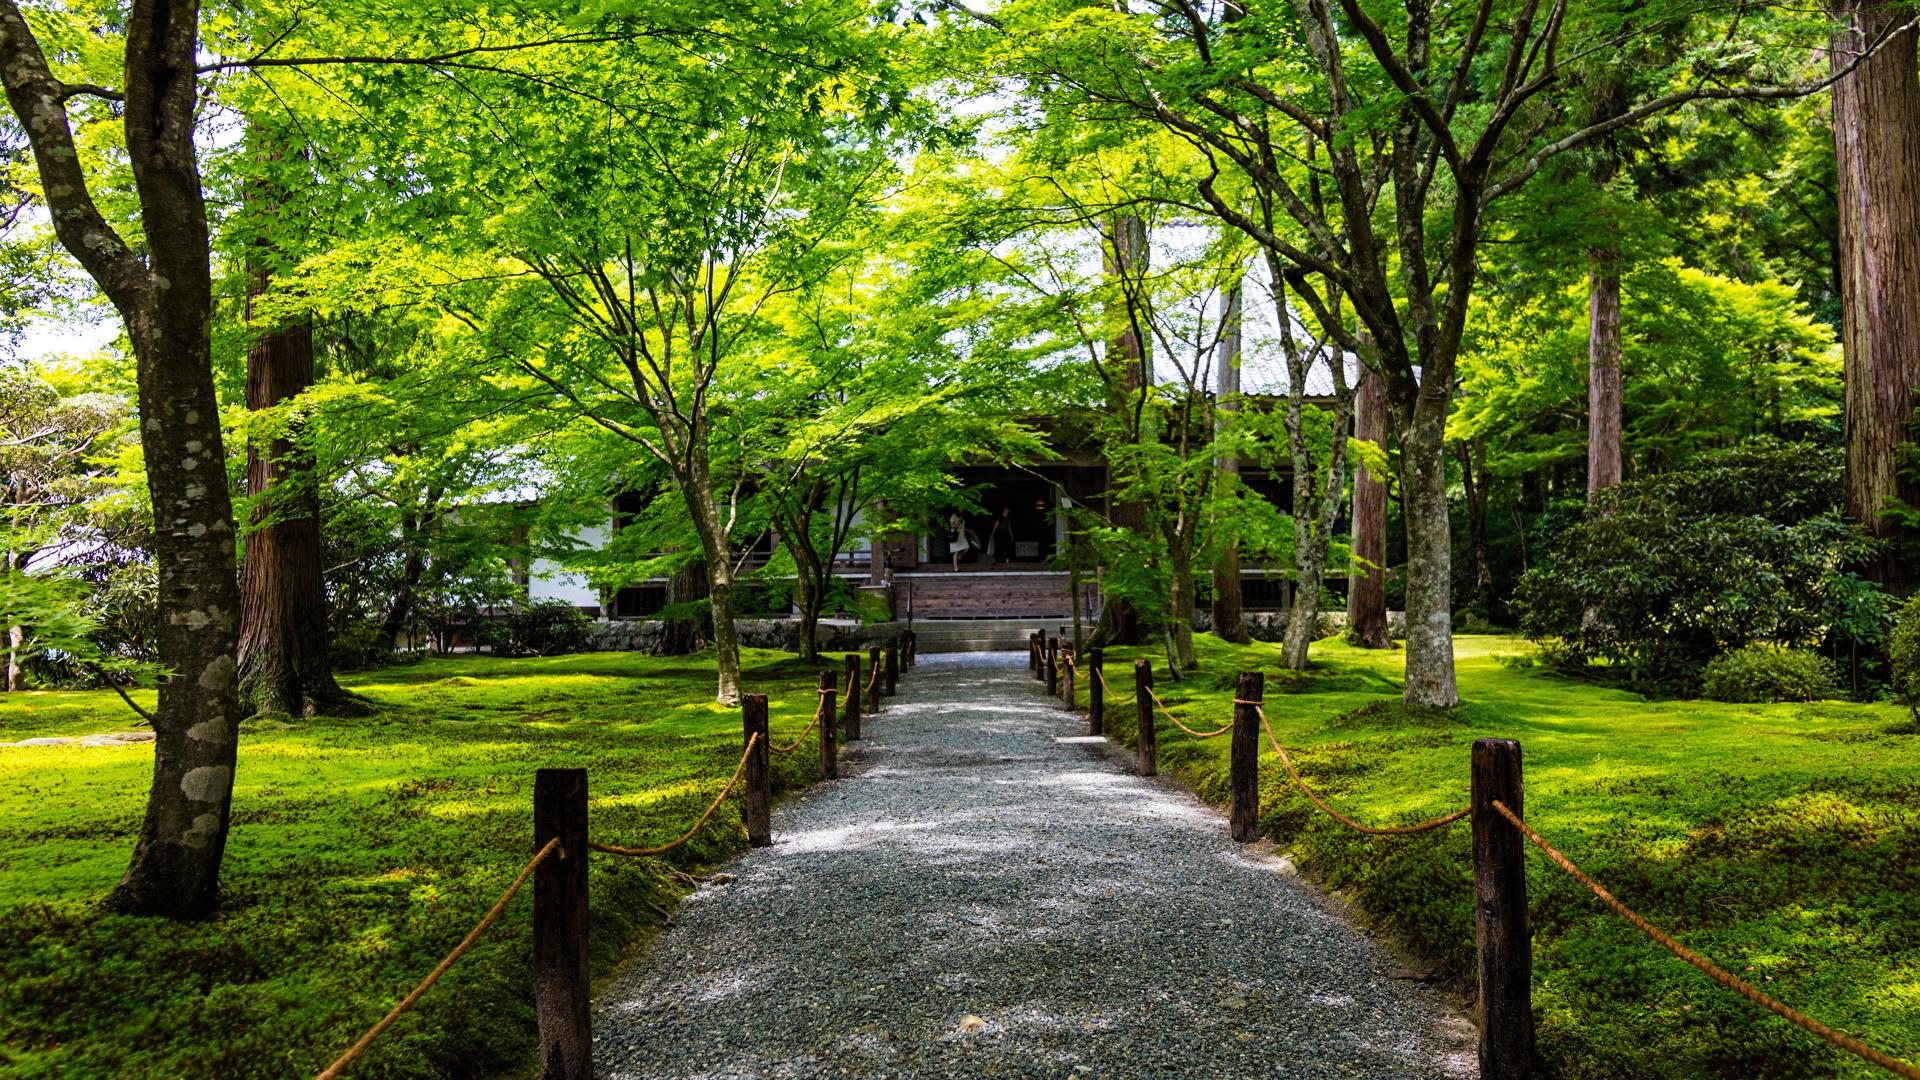 壁紙 1920x1080 日本 京都市 公園 Ohara 木 自然 ダウンロード